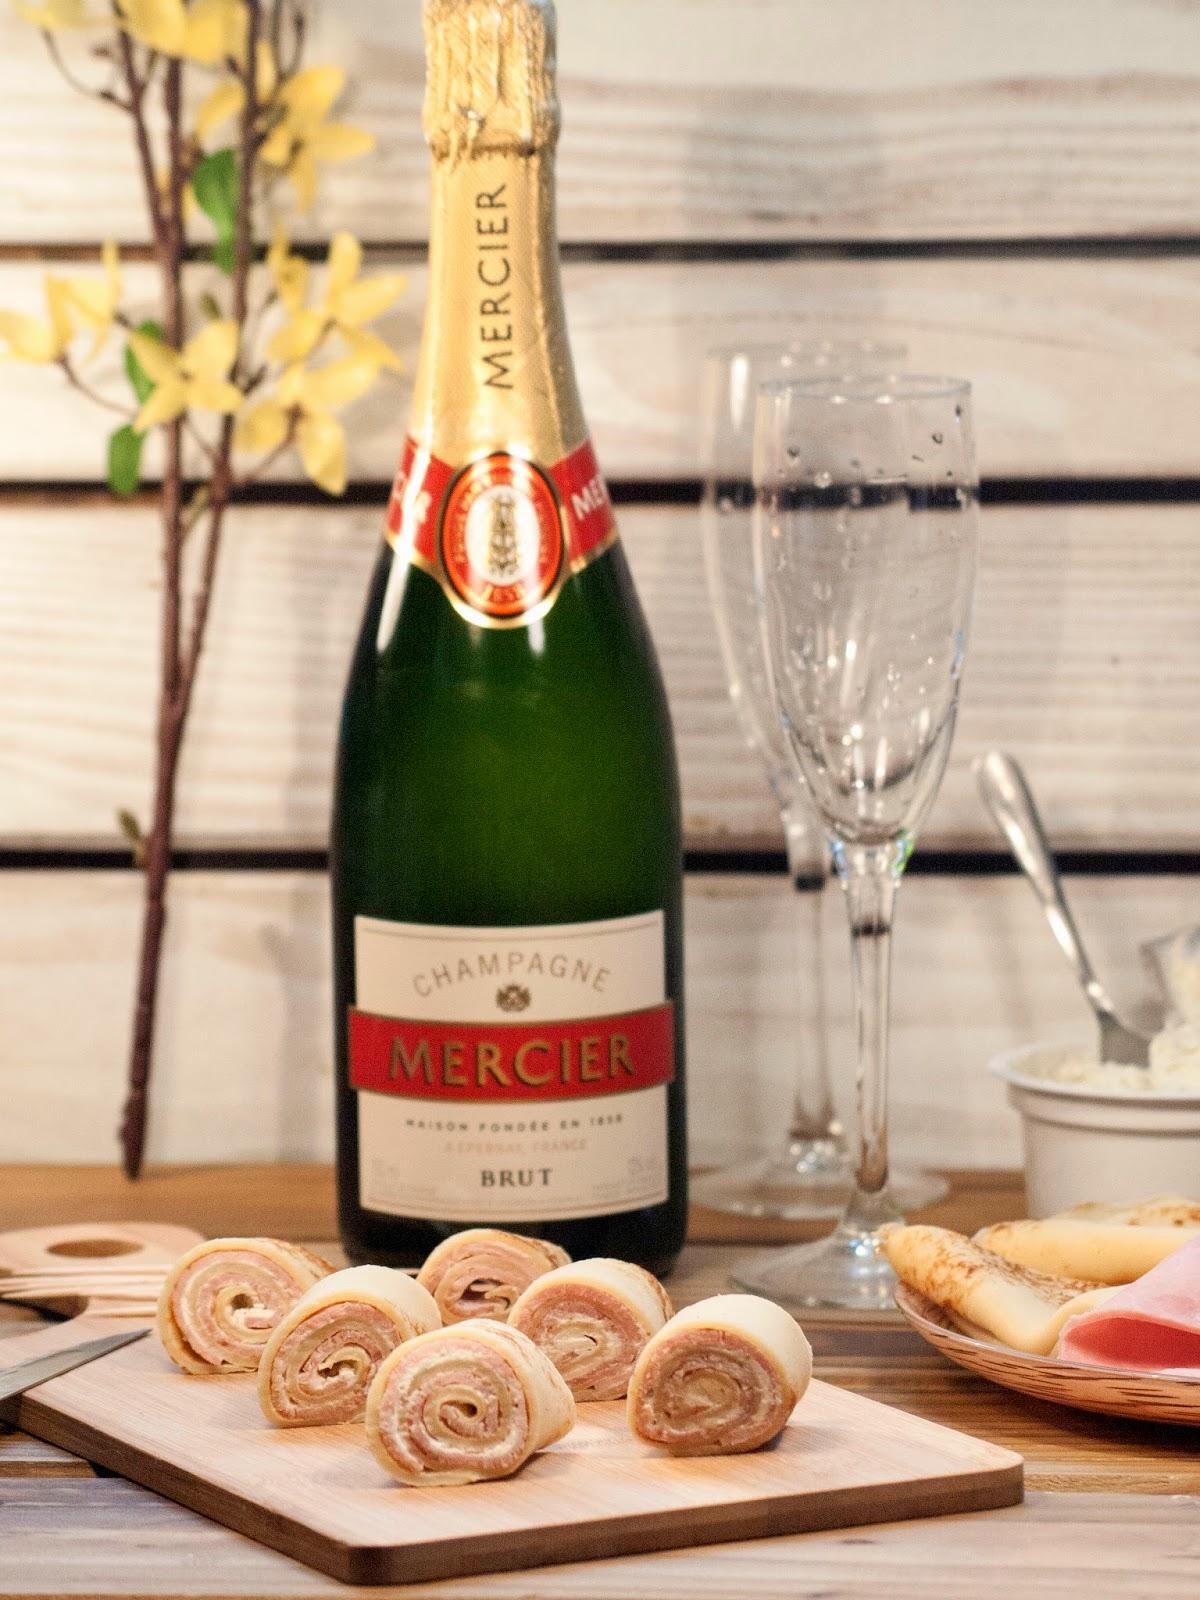 idées apéro, apéro, recette apéro, repas fête des mères, champagne mercier